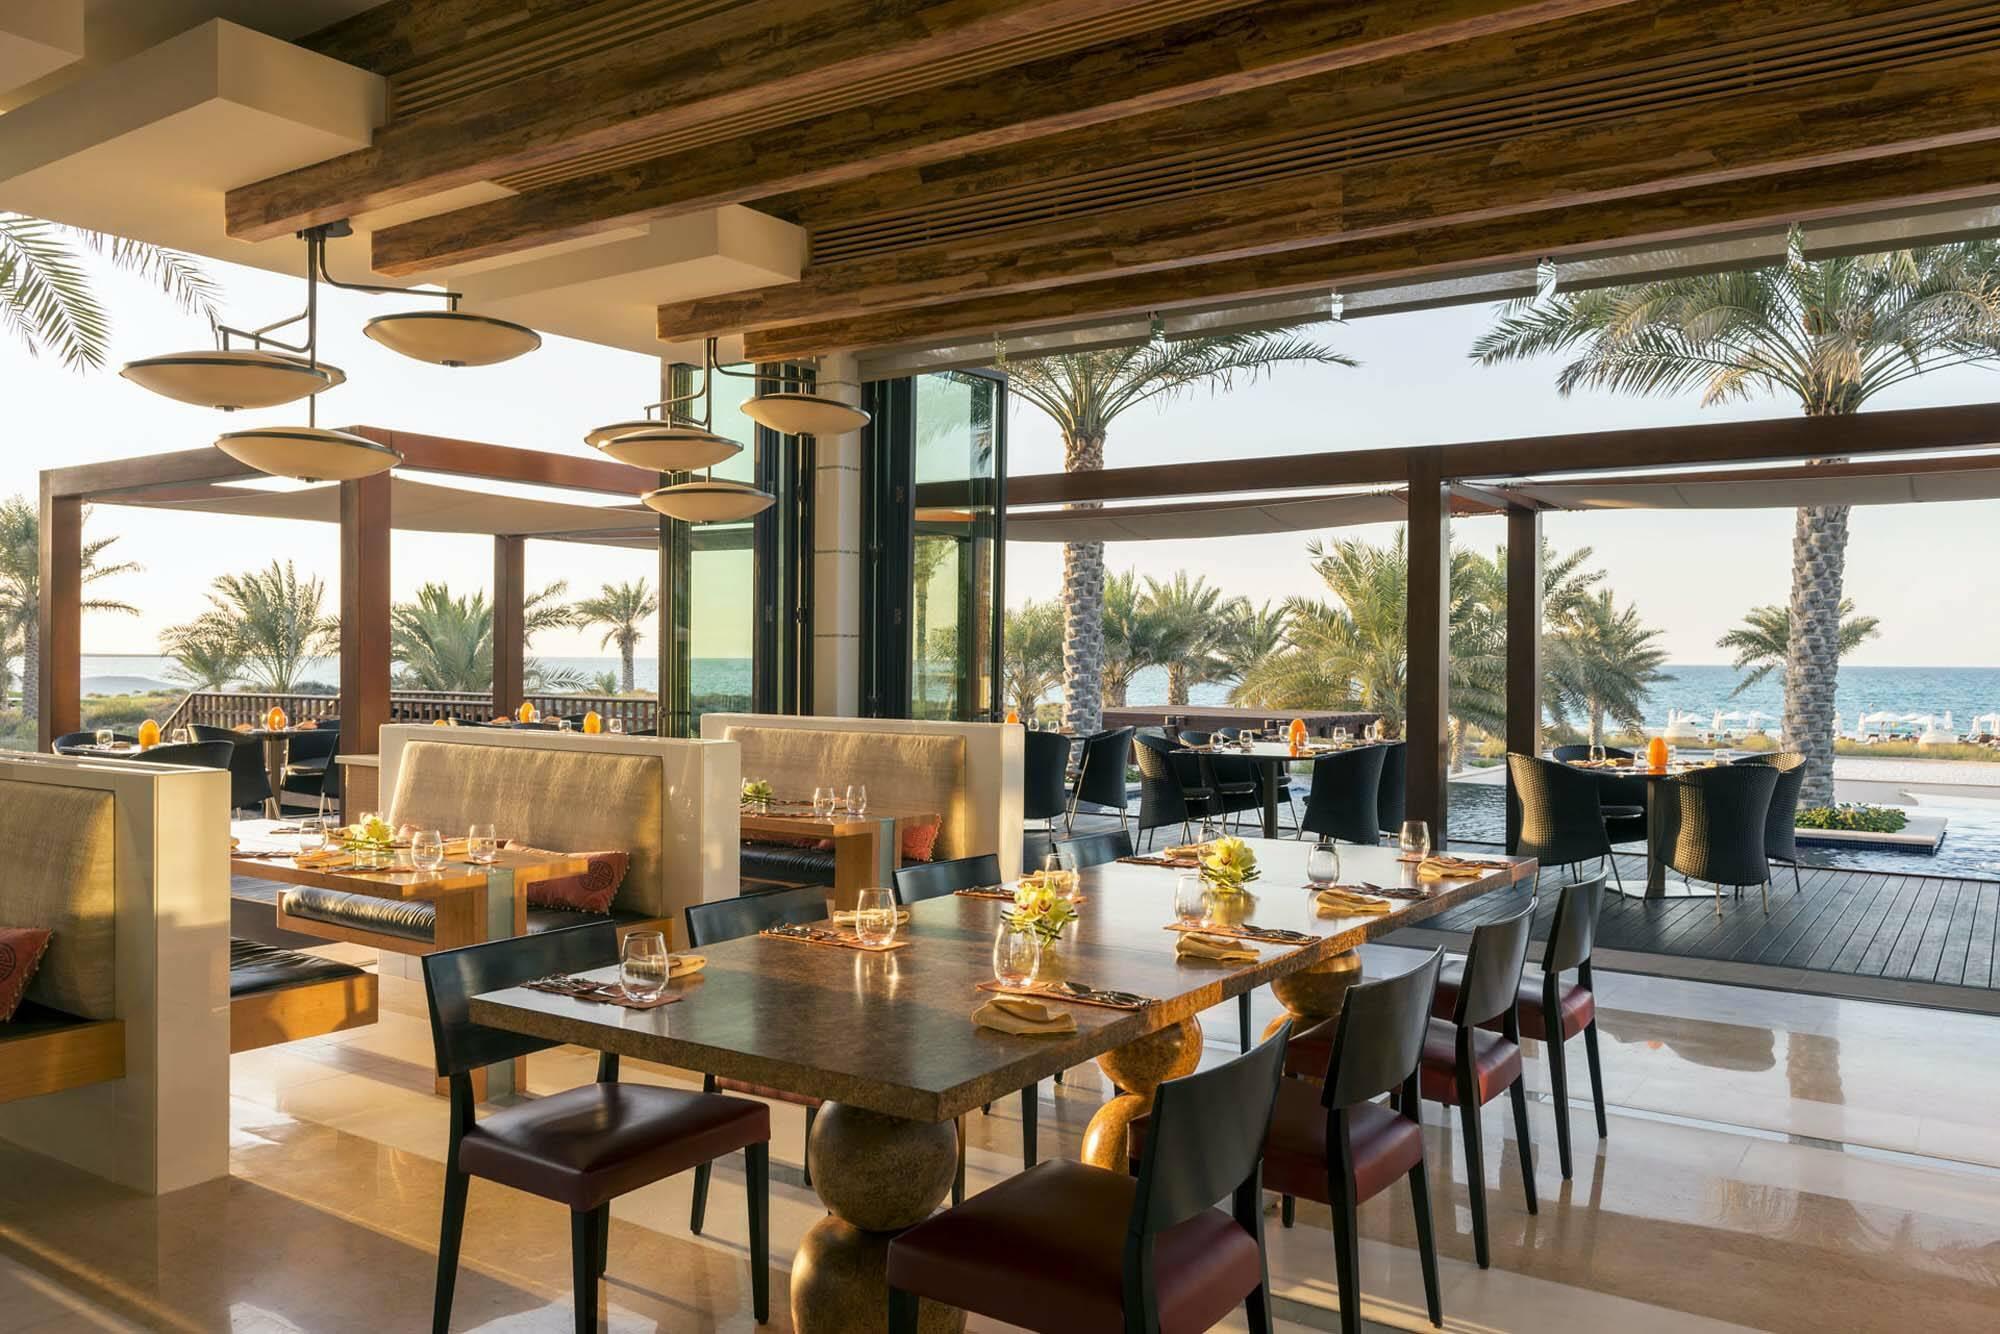 Saint Regis Saadiyat Abu Dhabi restaurant